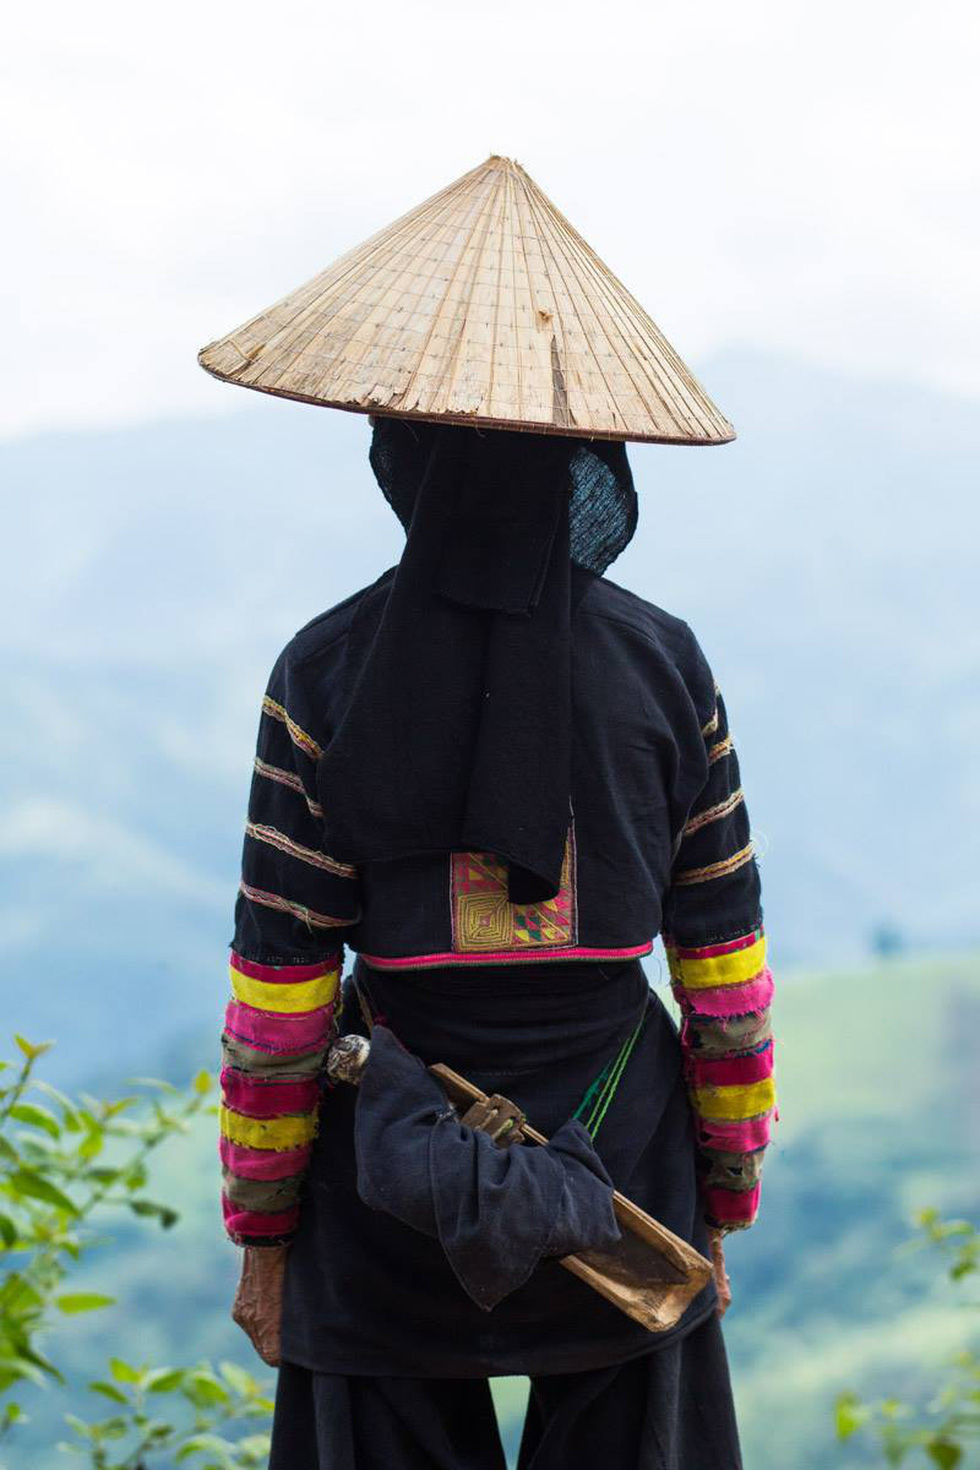 Nhiếp ảnh gia Pháp được vinh danh khi tôn vinh văn hóa Việt - Ảnh 6.